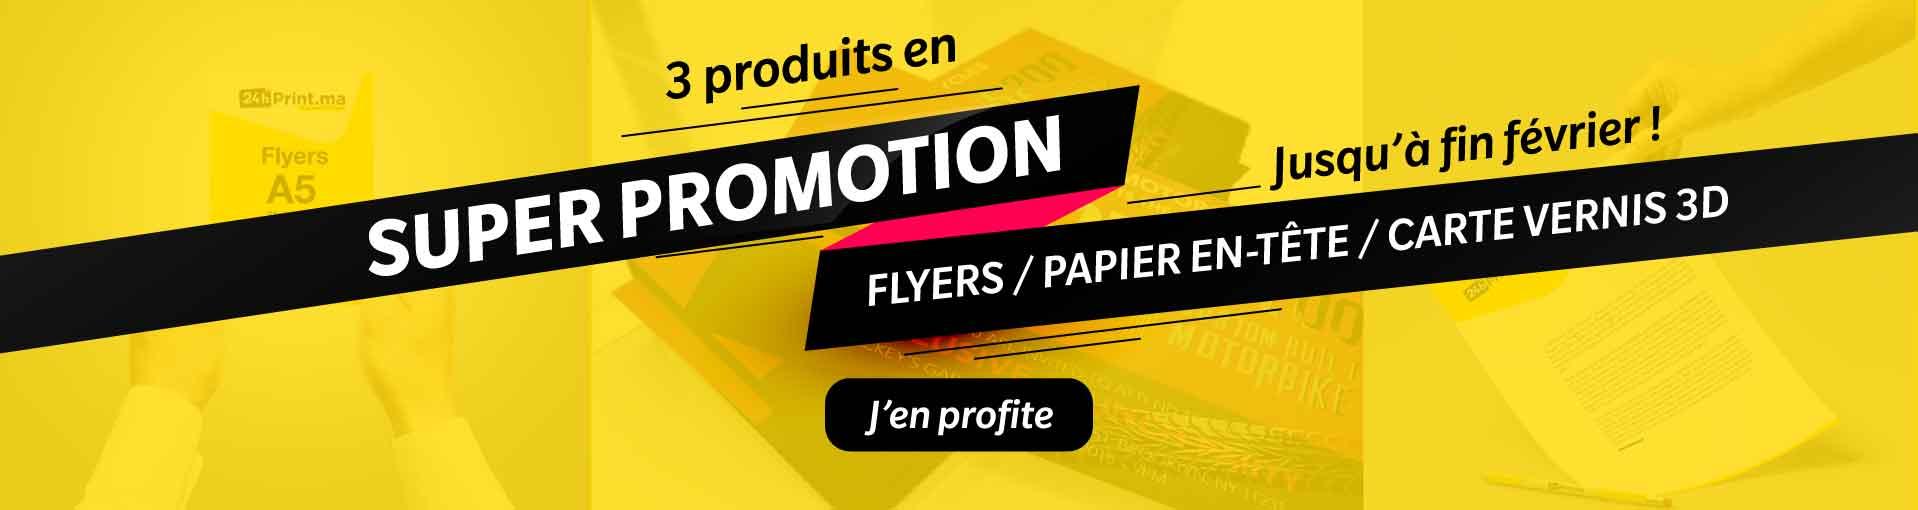 Promotion 3 produits